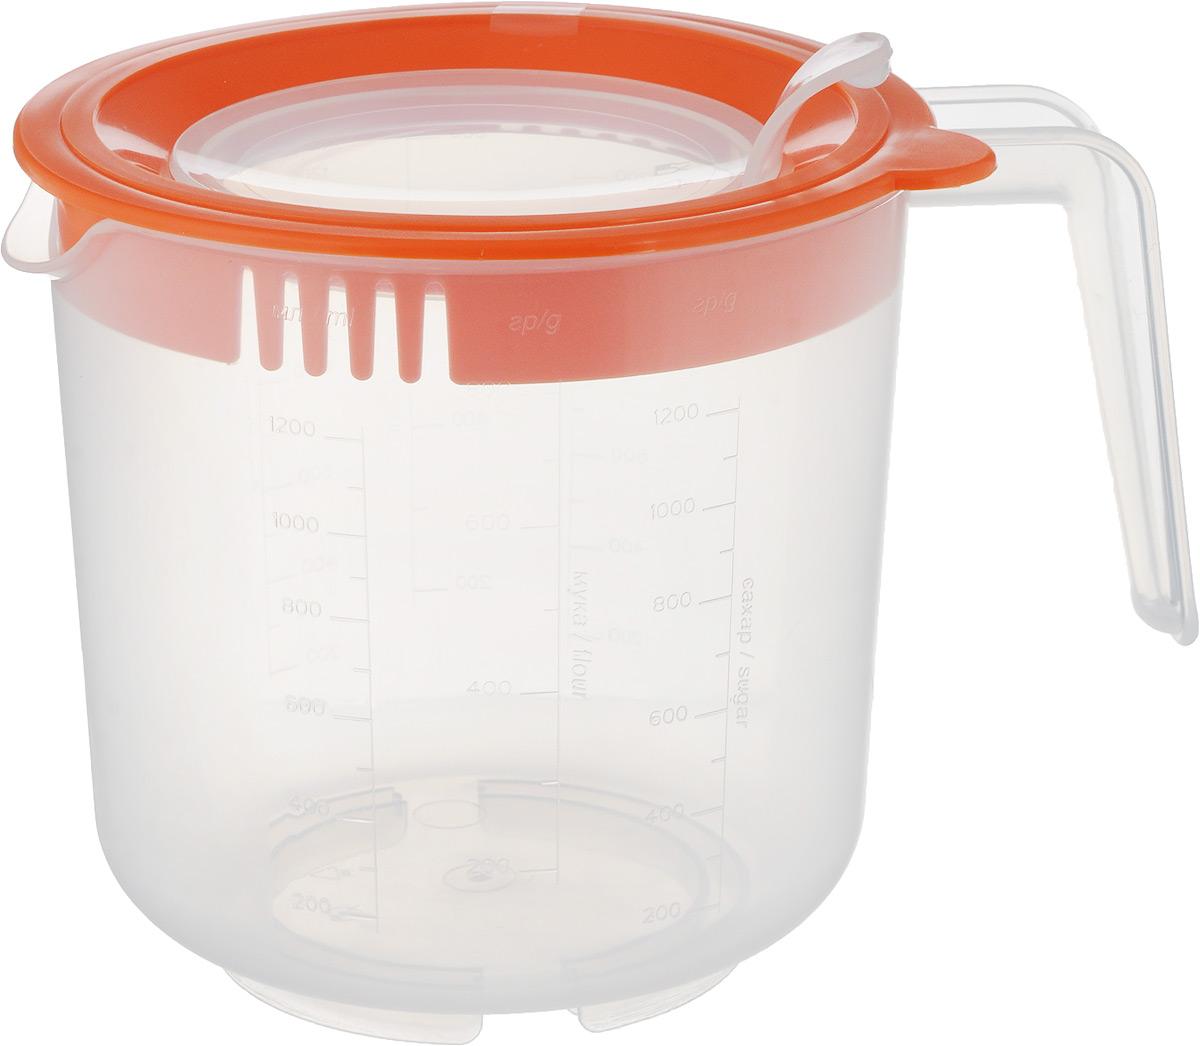 Емкость мерная для взбивания Oursson, цвет: прозрачный, оранжевый, 1,5 л68/5/2Мерная емкость Oursson изготовлена из высококачественного плотного пластика и является многофункциональным кухонным приспособлением. С ее помощью можно не только измерять объем помещаемых в нее жидкостей, но и смешивать их, а так же долго сохранять приготовленные соки, пюре, коктейли. Жесткое основание придает емкости дополнительную устойчивость. В емкости можно перемешивать и взбивать продукты при помощи погружного блендера или миксера. При этом бортики защищают от брызг пространство вокруг емкости. Широкое горлышко позволят без труда вымыть изделие.Можно мыть в посудомоечной машине. Диаметр емкости по верхнему краю (без учета носика и ручки): 14 см. Диаметр отверстия в крышке: 9 см. Высота емкости (с учетом крышки): 14 см. Объем: 1,5 л.